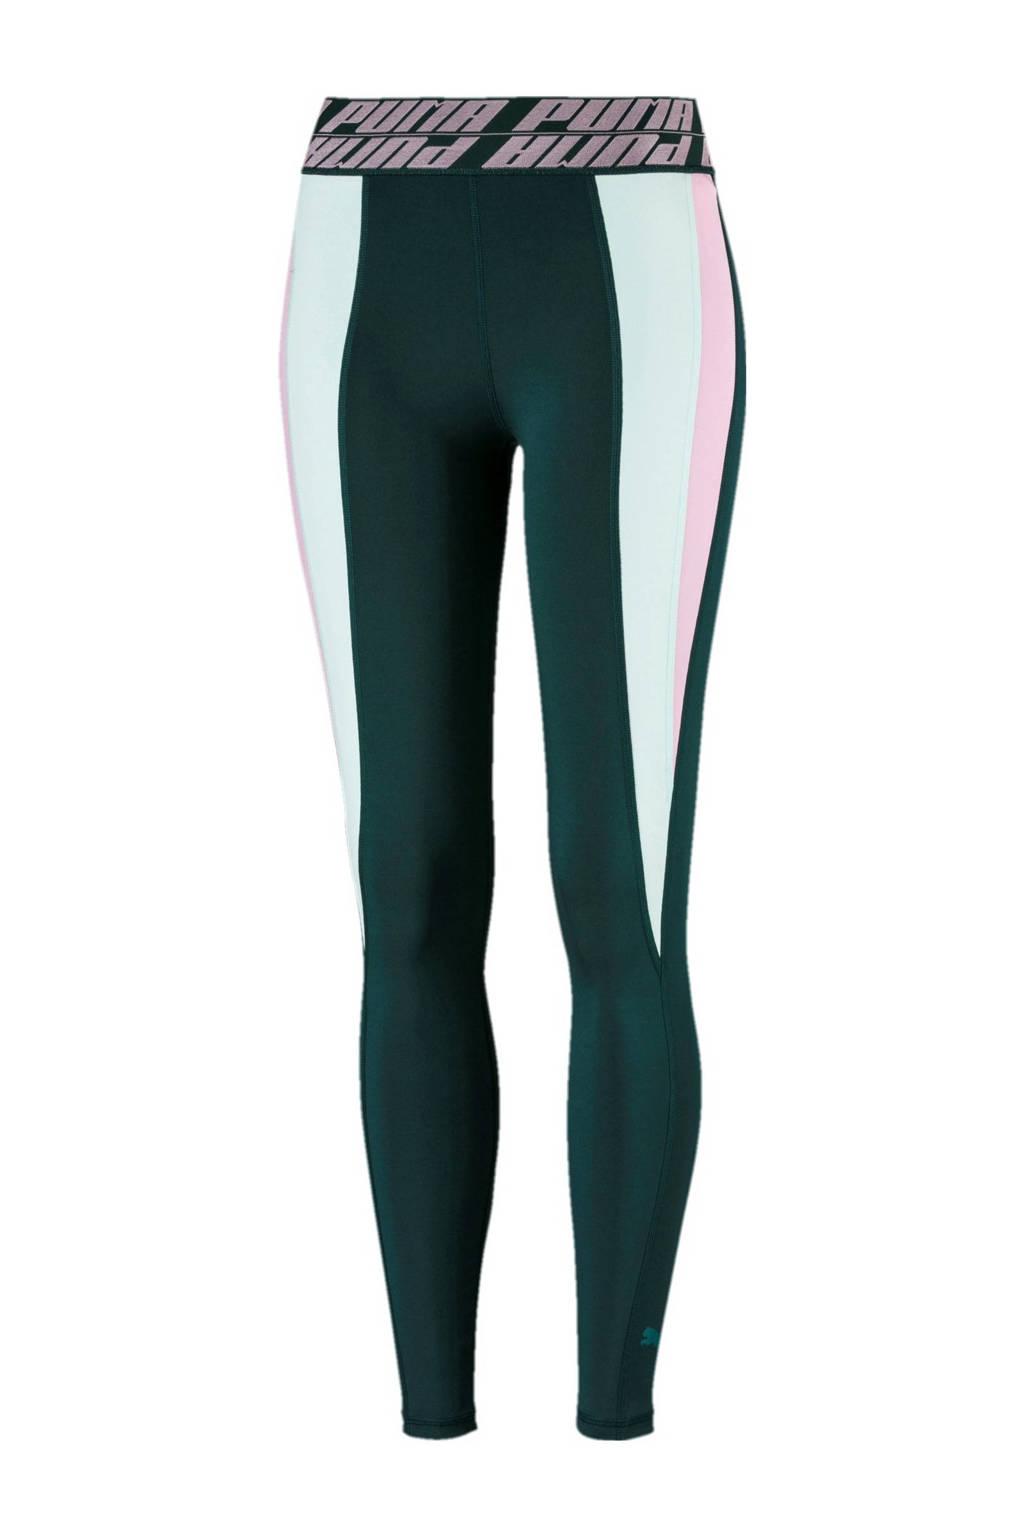 Puma sportlegging groen, Groen/roze